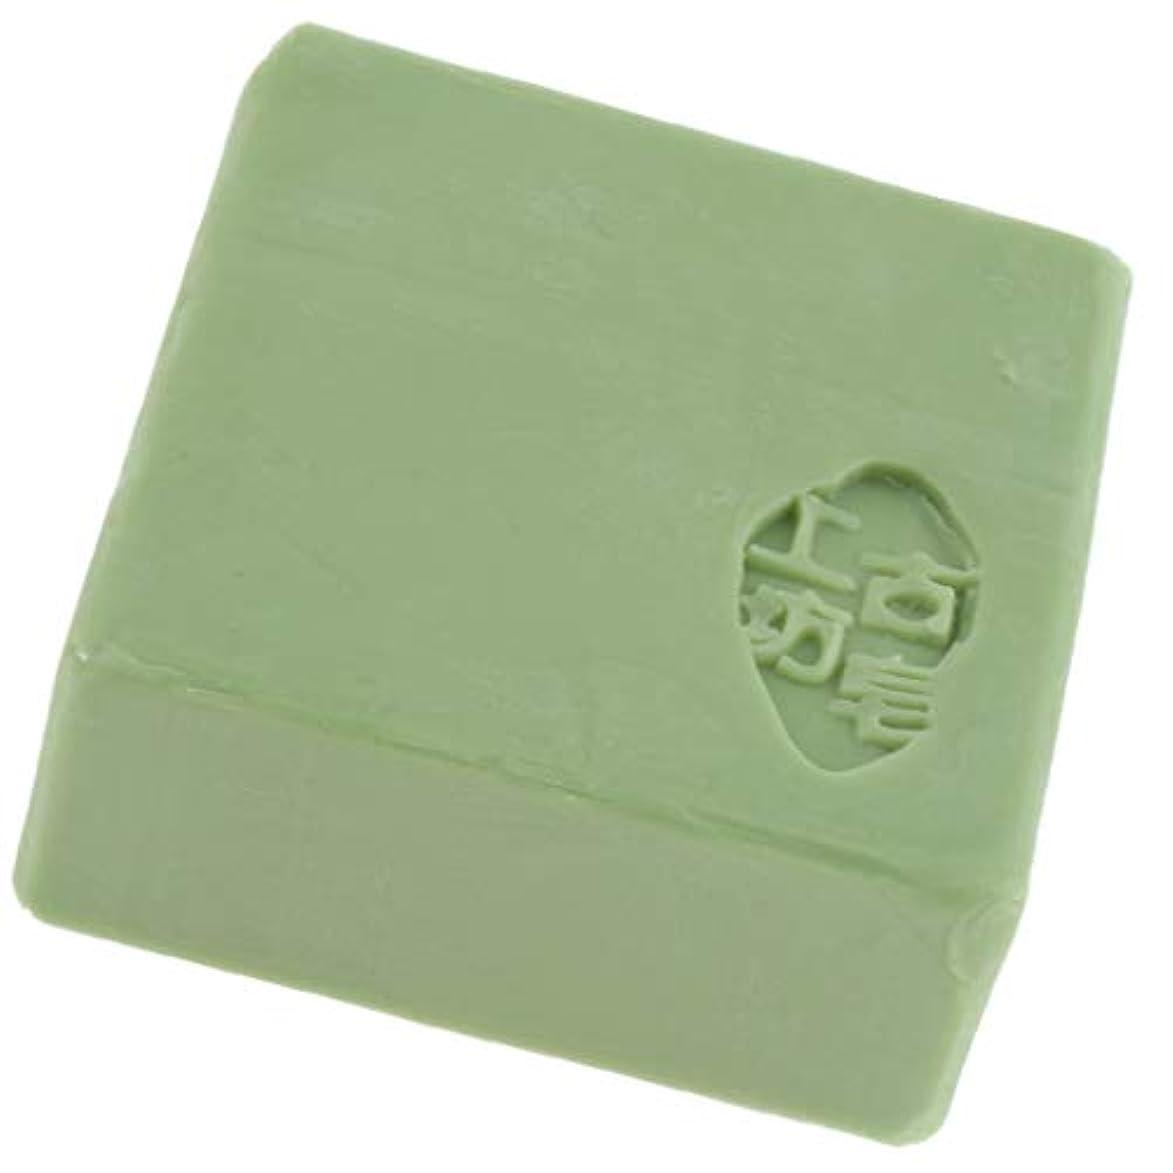 あからさま通知する一人でBaoblaze バス スキンケア フェイス ボディソープ 石鹸 保湿 好意 全3色 - 緑